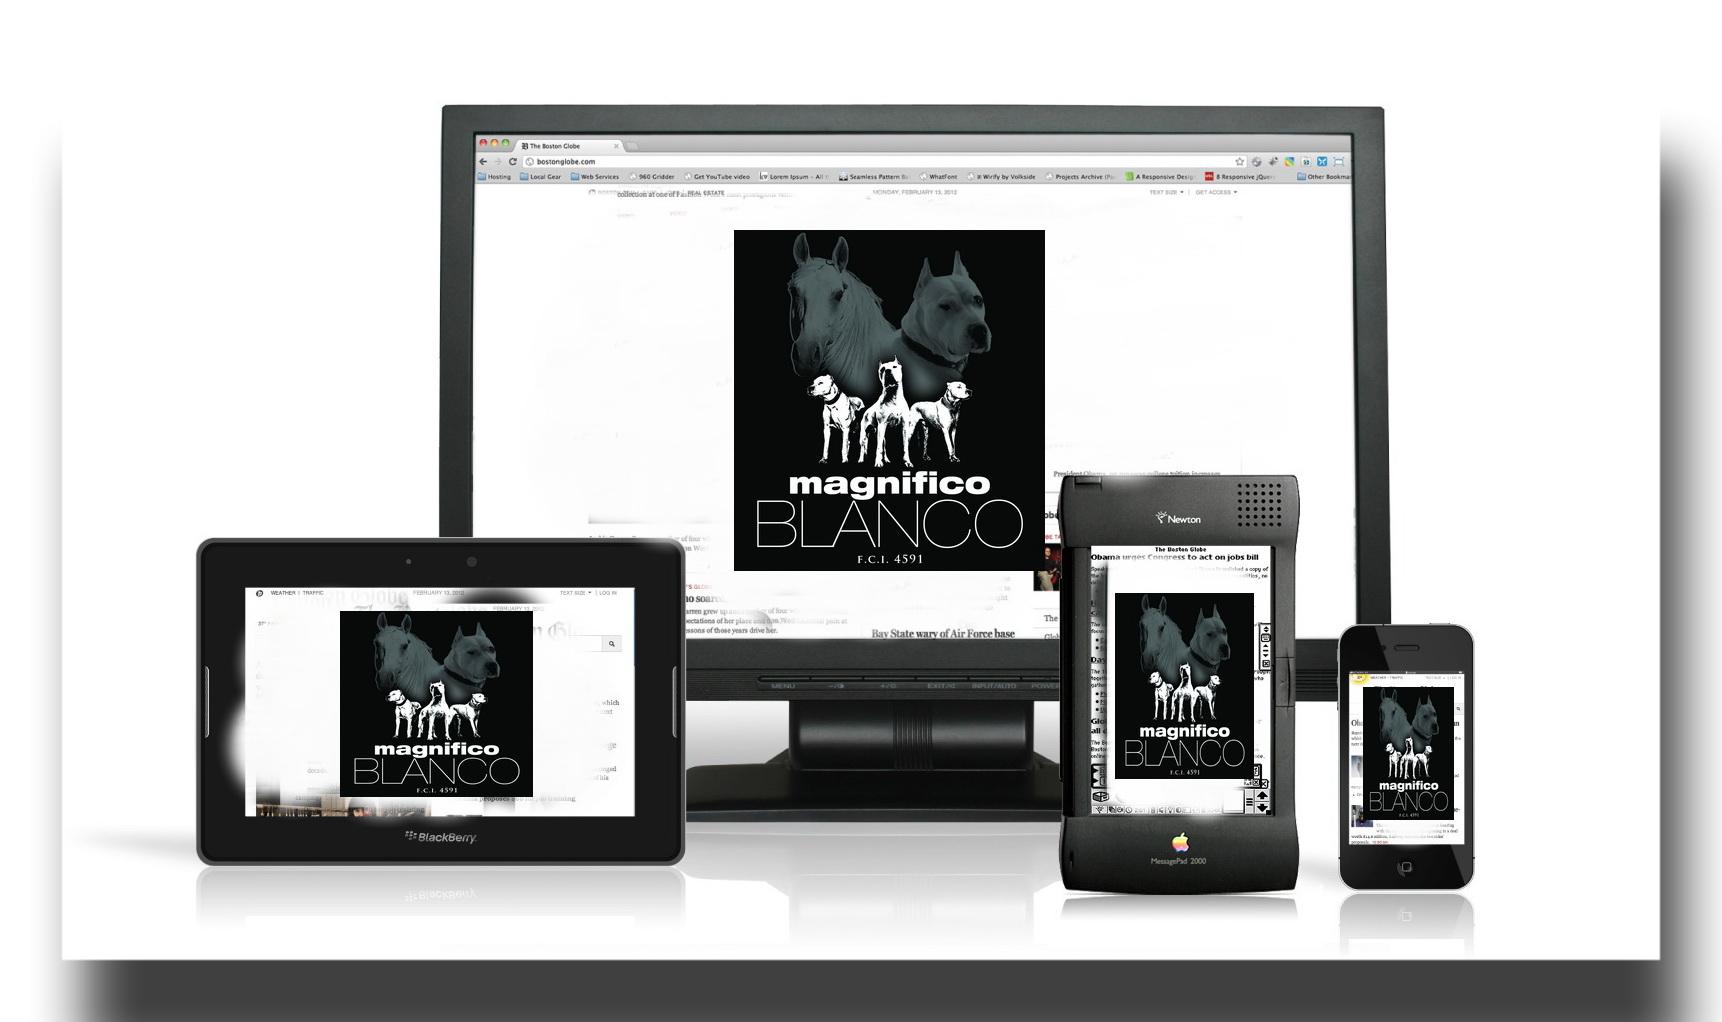 dogo argentino - magnifico blanco site redesign